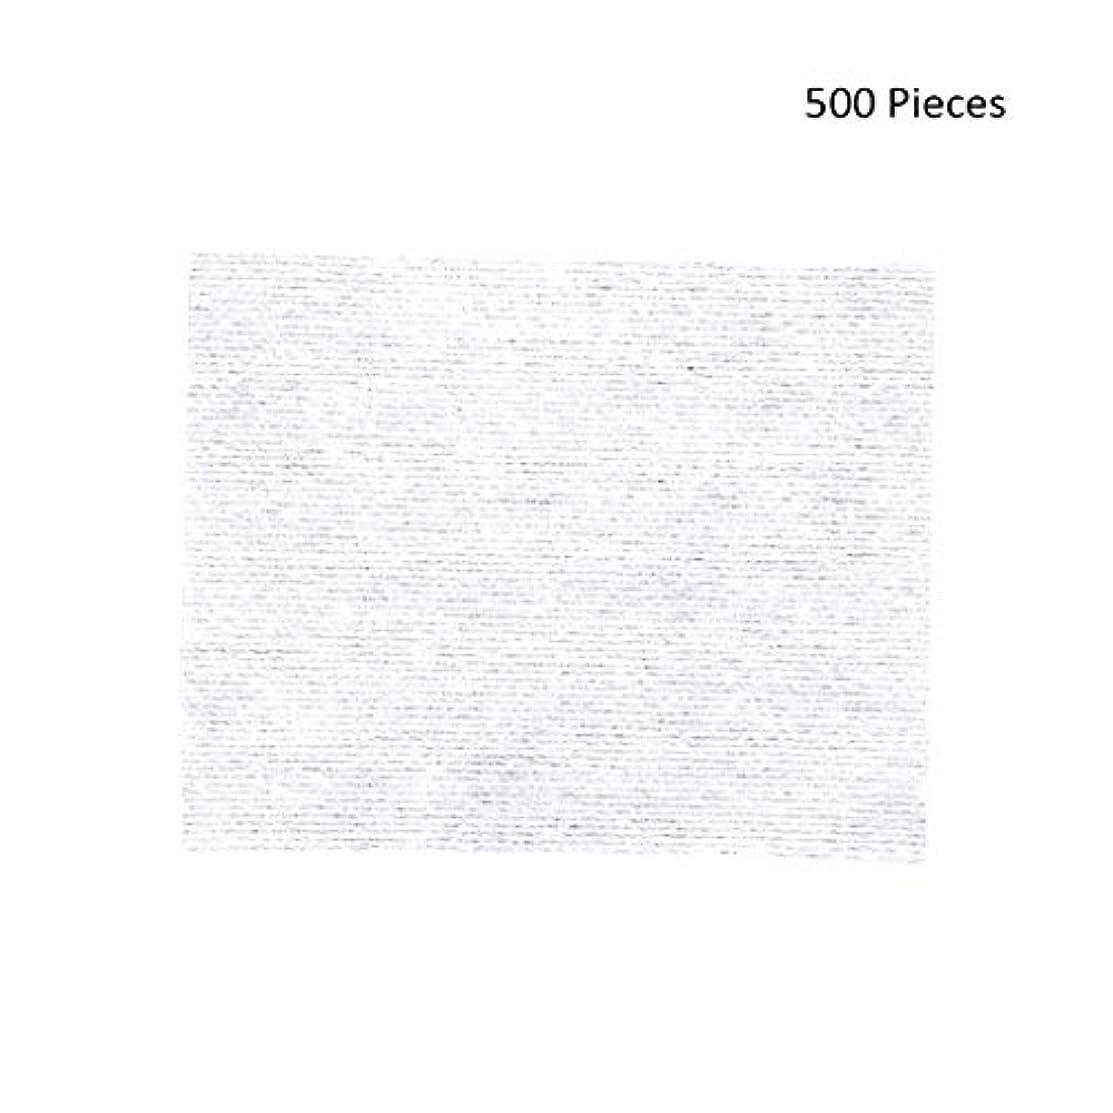 絶望的なかなりの週間500ピースフェイスメイクアップリムーバーワイプコットンパッドメイクアップリムーバーソフト化粧品フェイスマスククレンジングケアフェイシャルコットンパッド (Color : White, サイズ : 6*5cm)